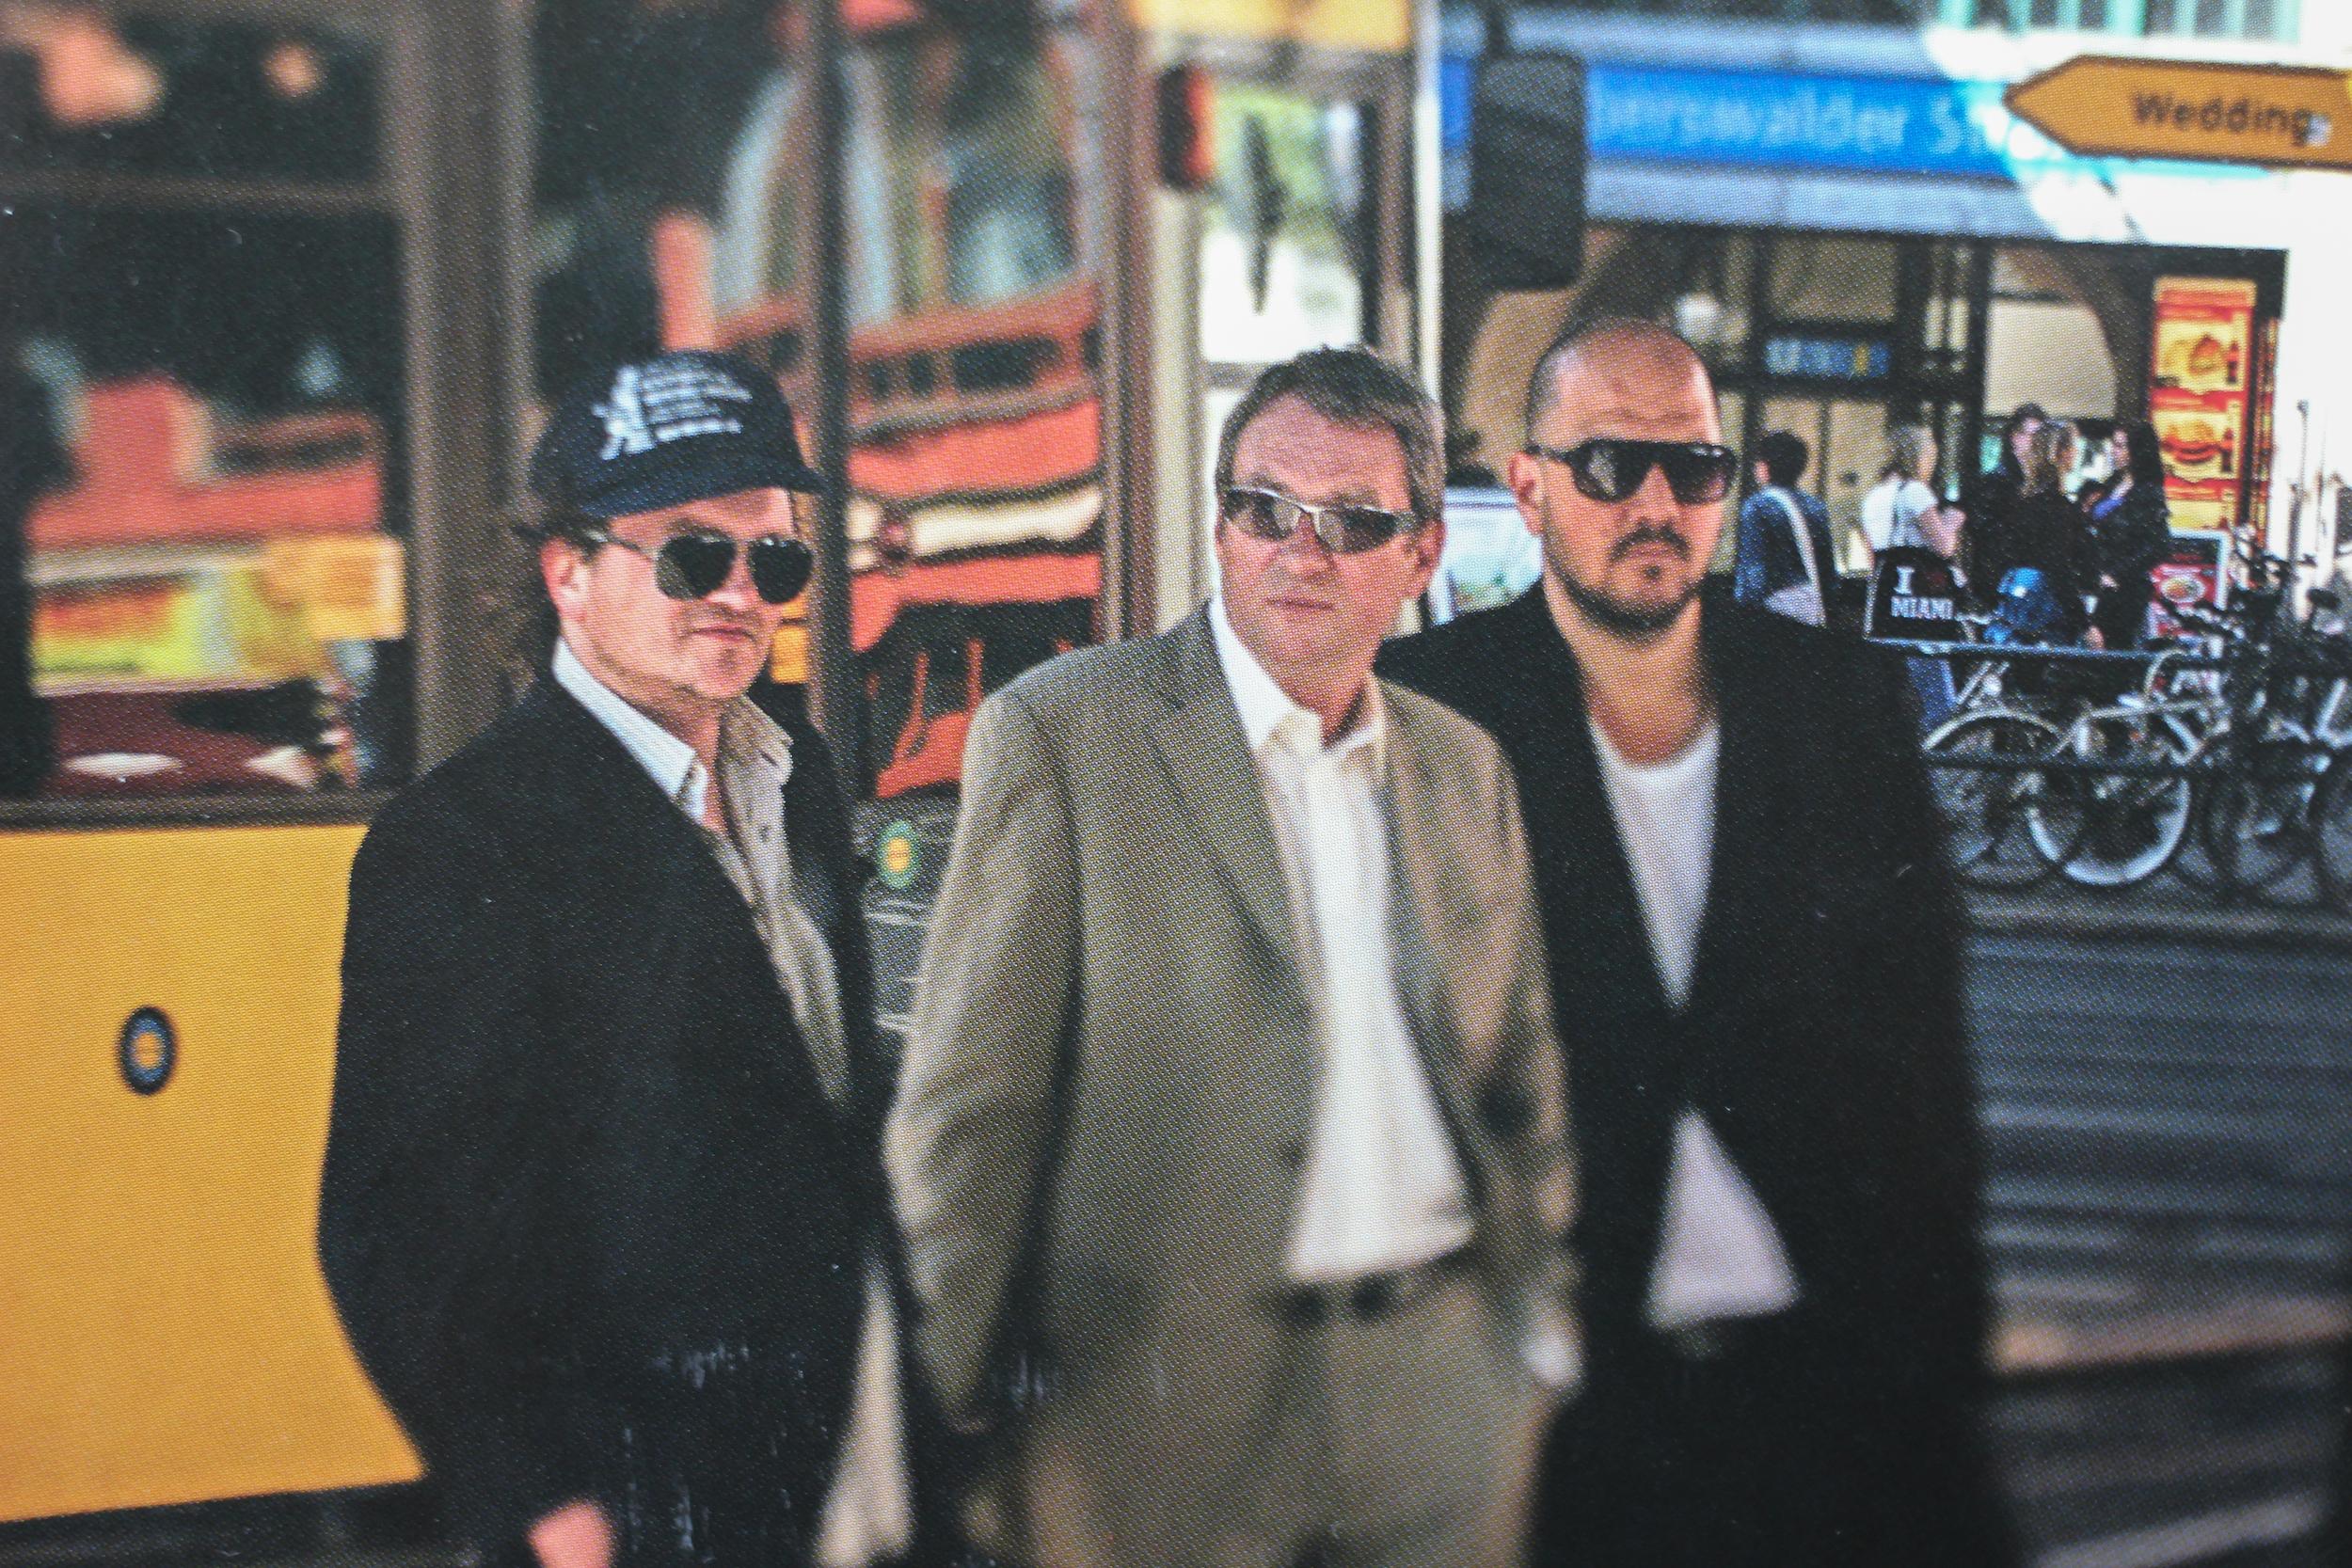 v.li.: Peer Neumann, Hartmut Horst, Stefan Bühler auf dem Cover von Bäng Bäng Bäng